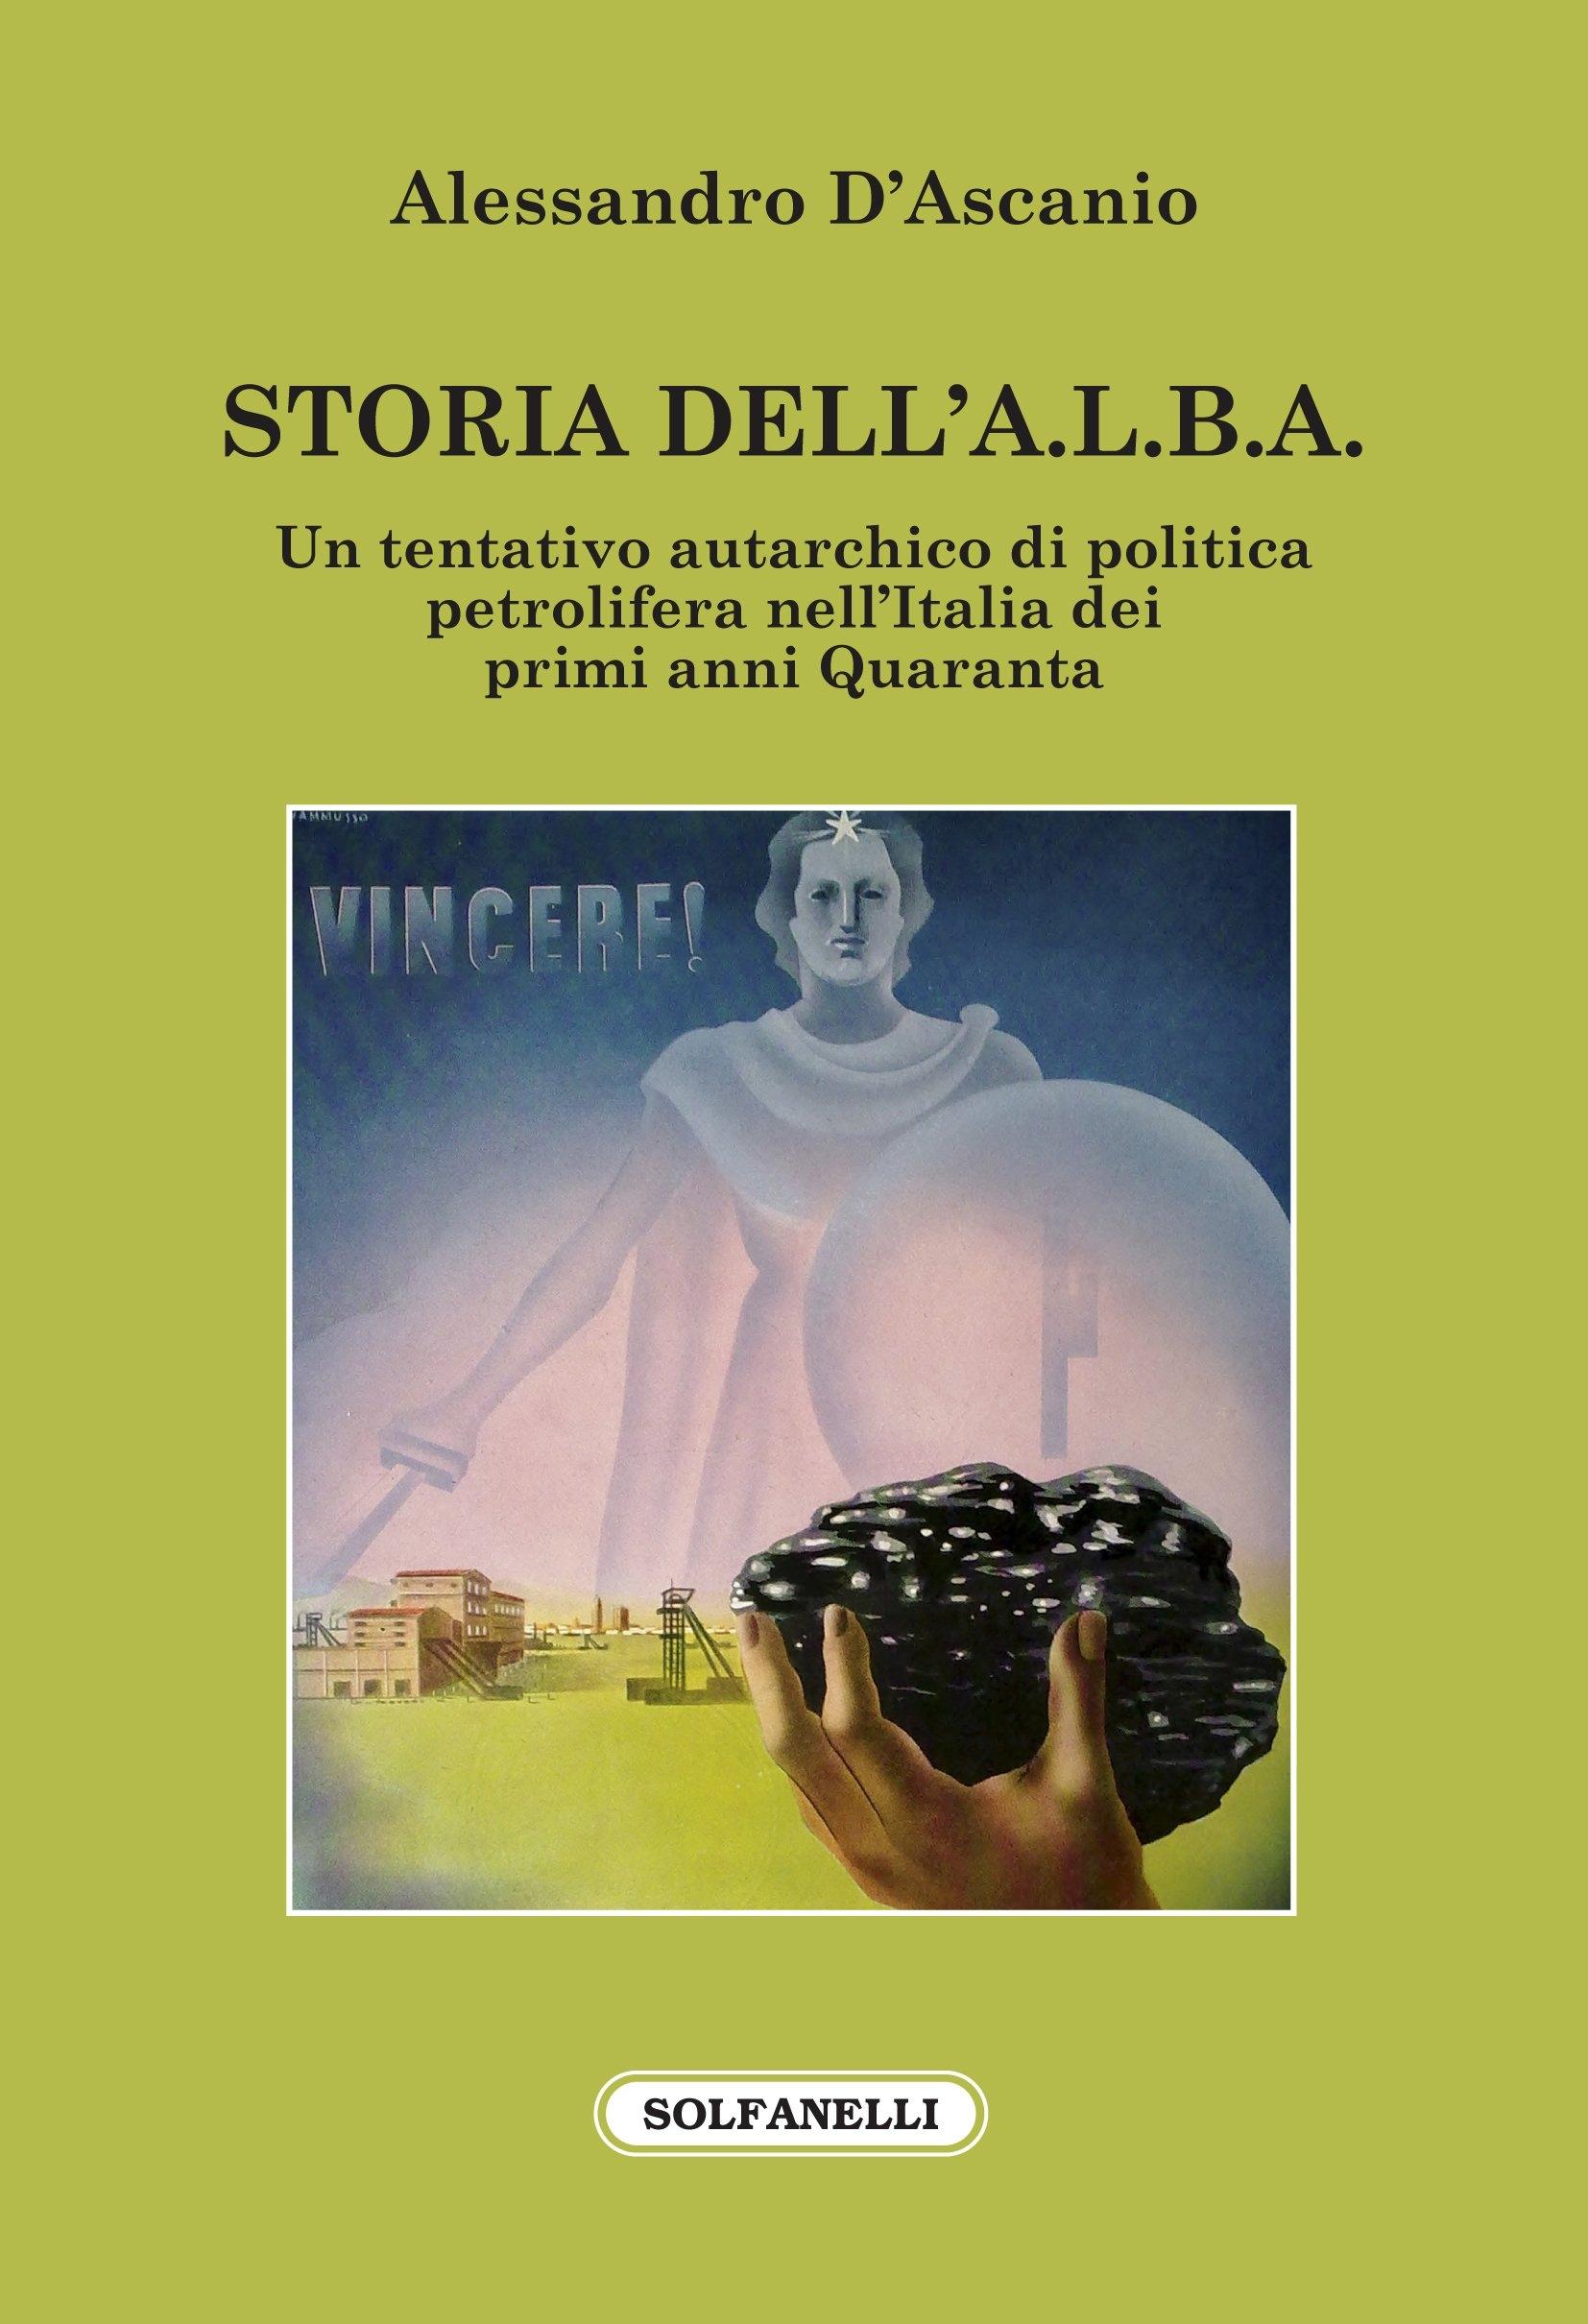 Storia dell'A.L.B.A. Un tentativo autarchico di politica petrolifera nell'Italia dei primi anni Quaranta